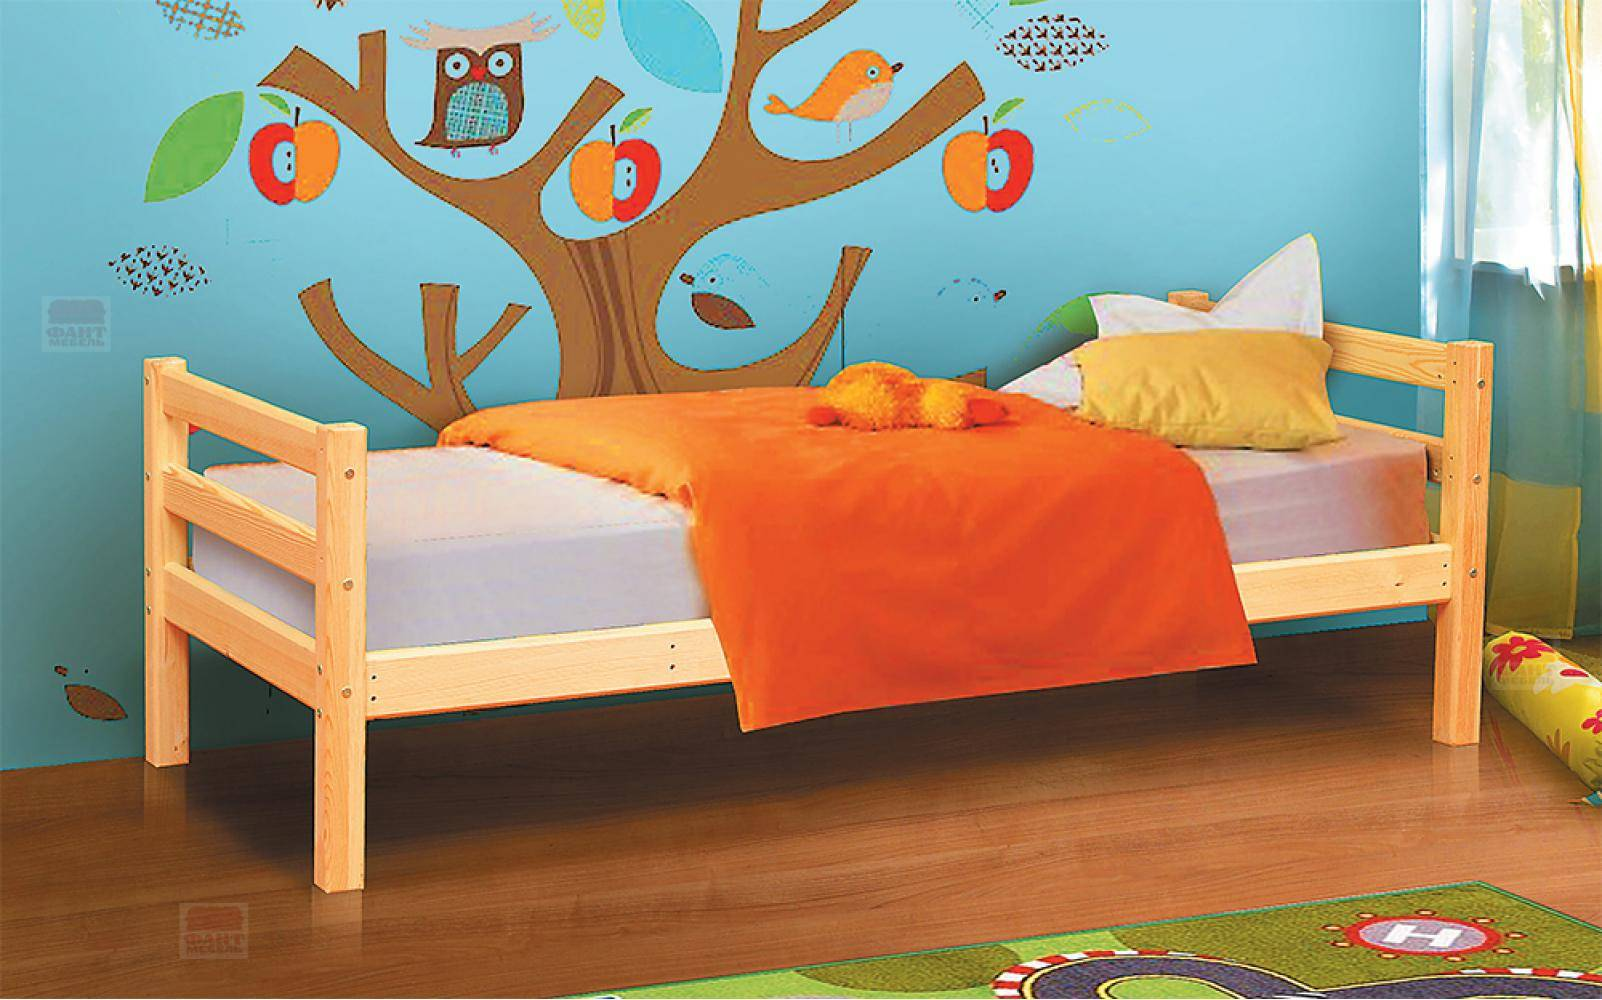 Детская мебель из массива дерева, двухъярусная качественная кровать из натурального дерева для детской